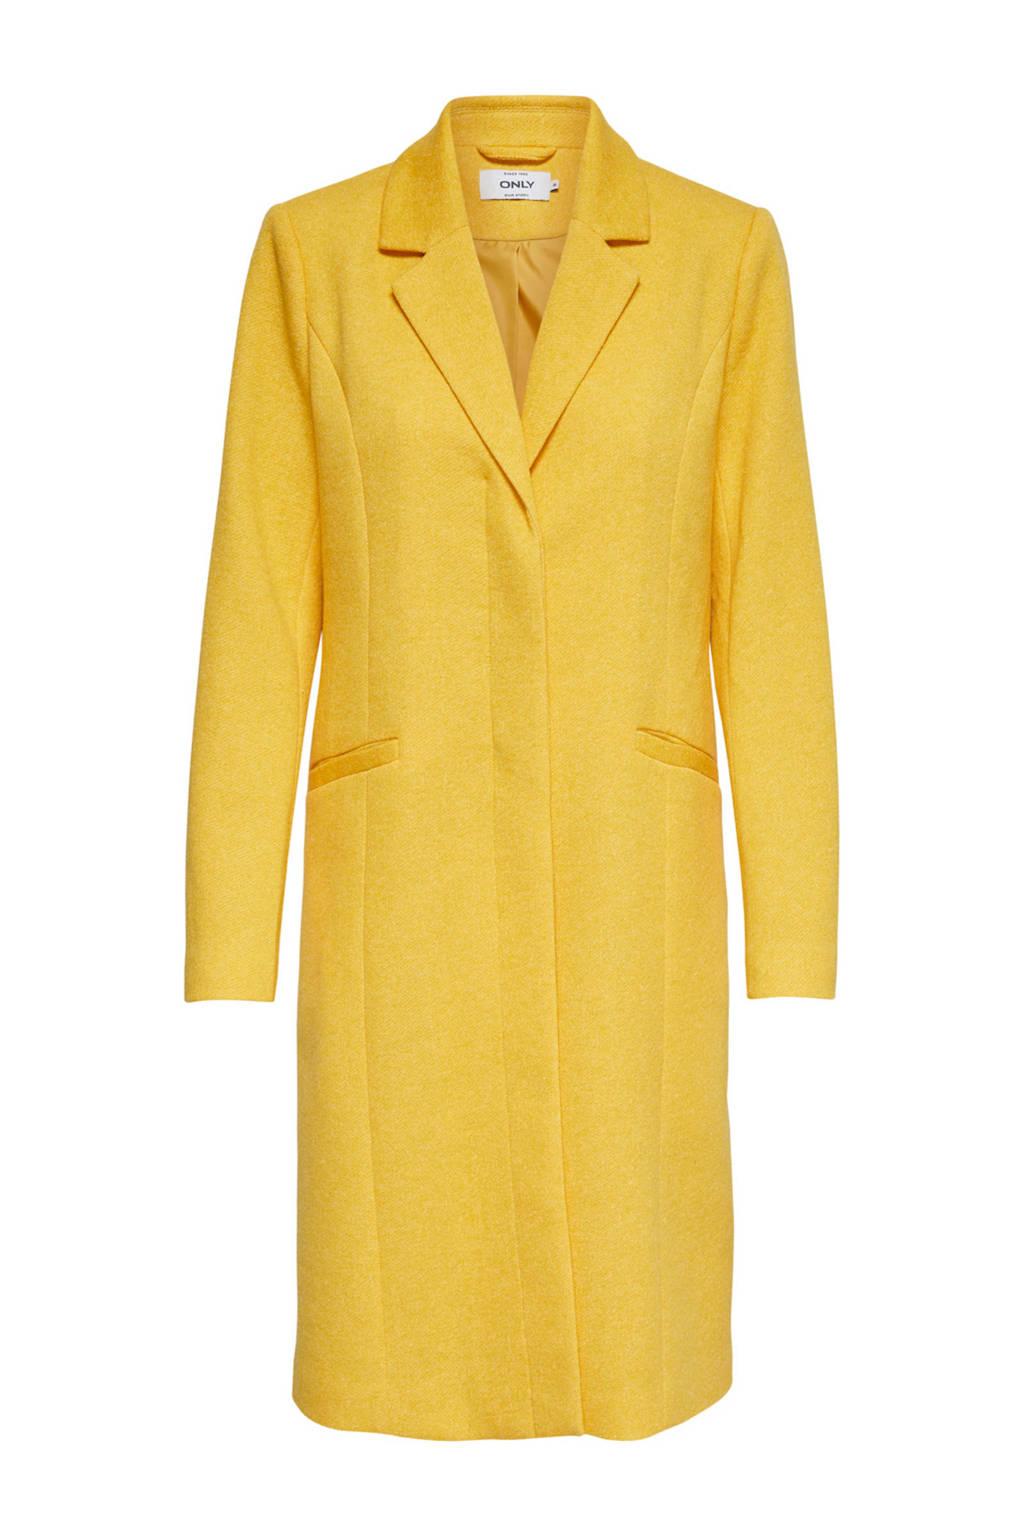 ONLY lange coat geel, Geel